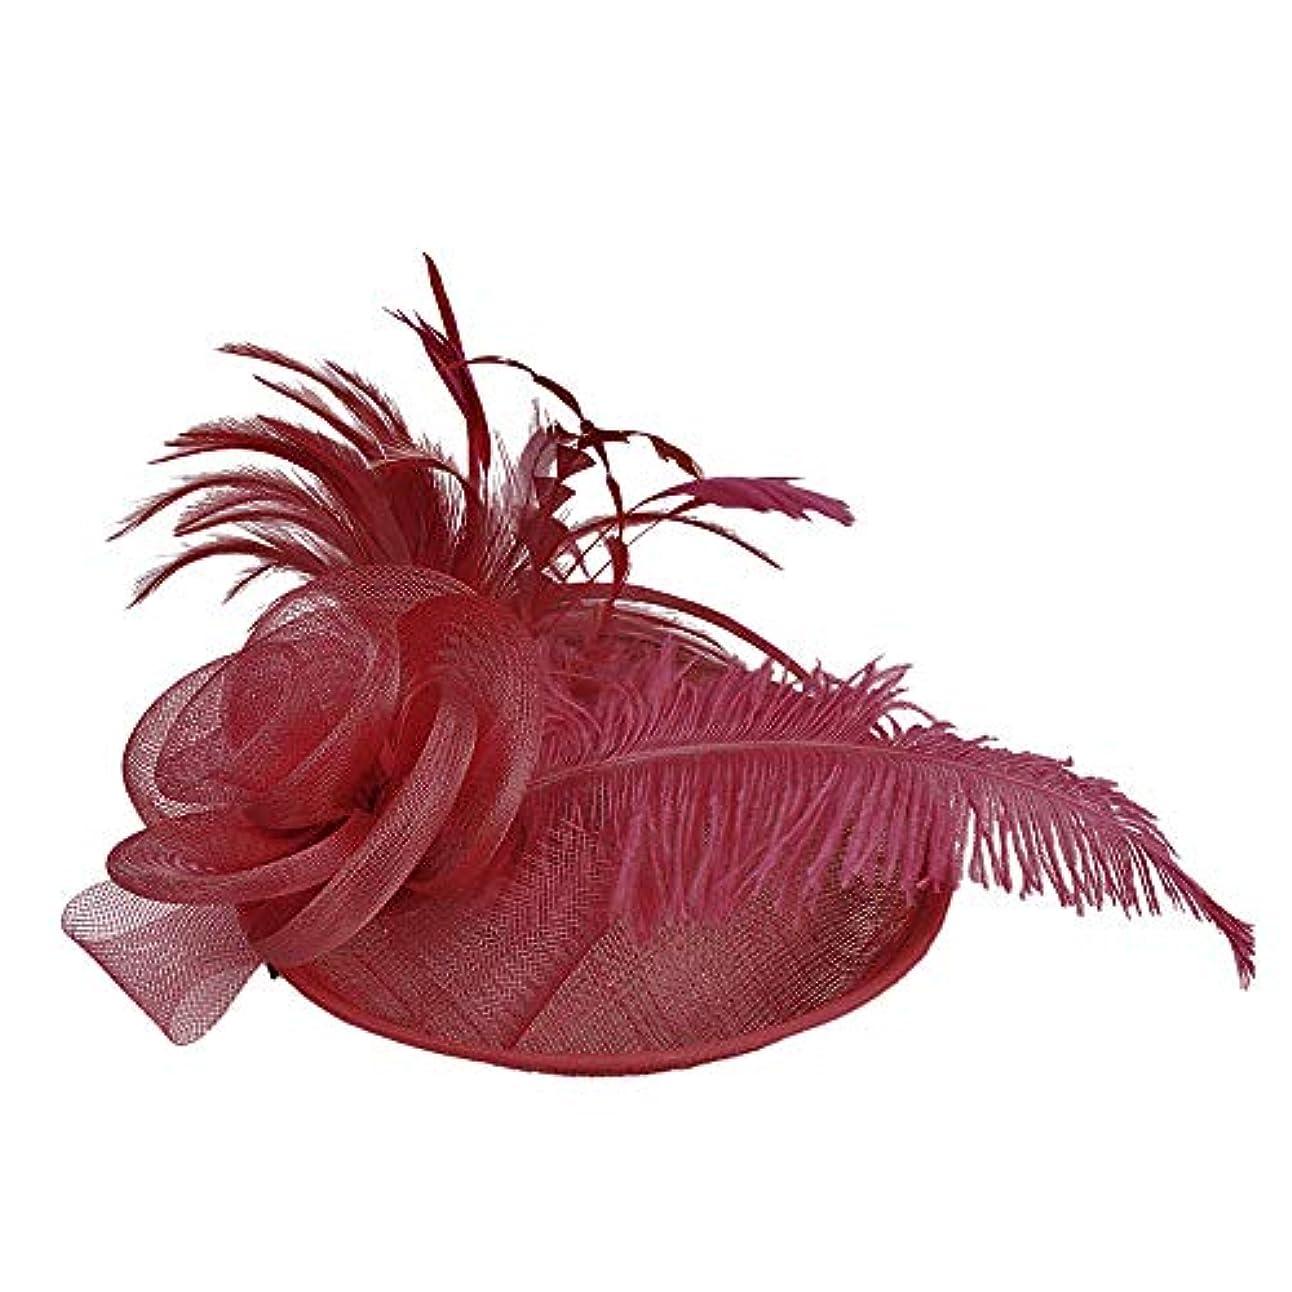 言い直す編集者エピソードMerssavo 英国スタイルのブライダル帽子、女性のエレガントな花の羽のベールの帽子ヴィンテージリネンティアラヘアアクセサリードレス帽子、5#